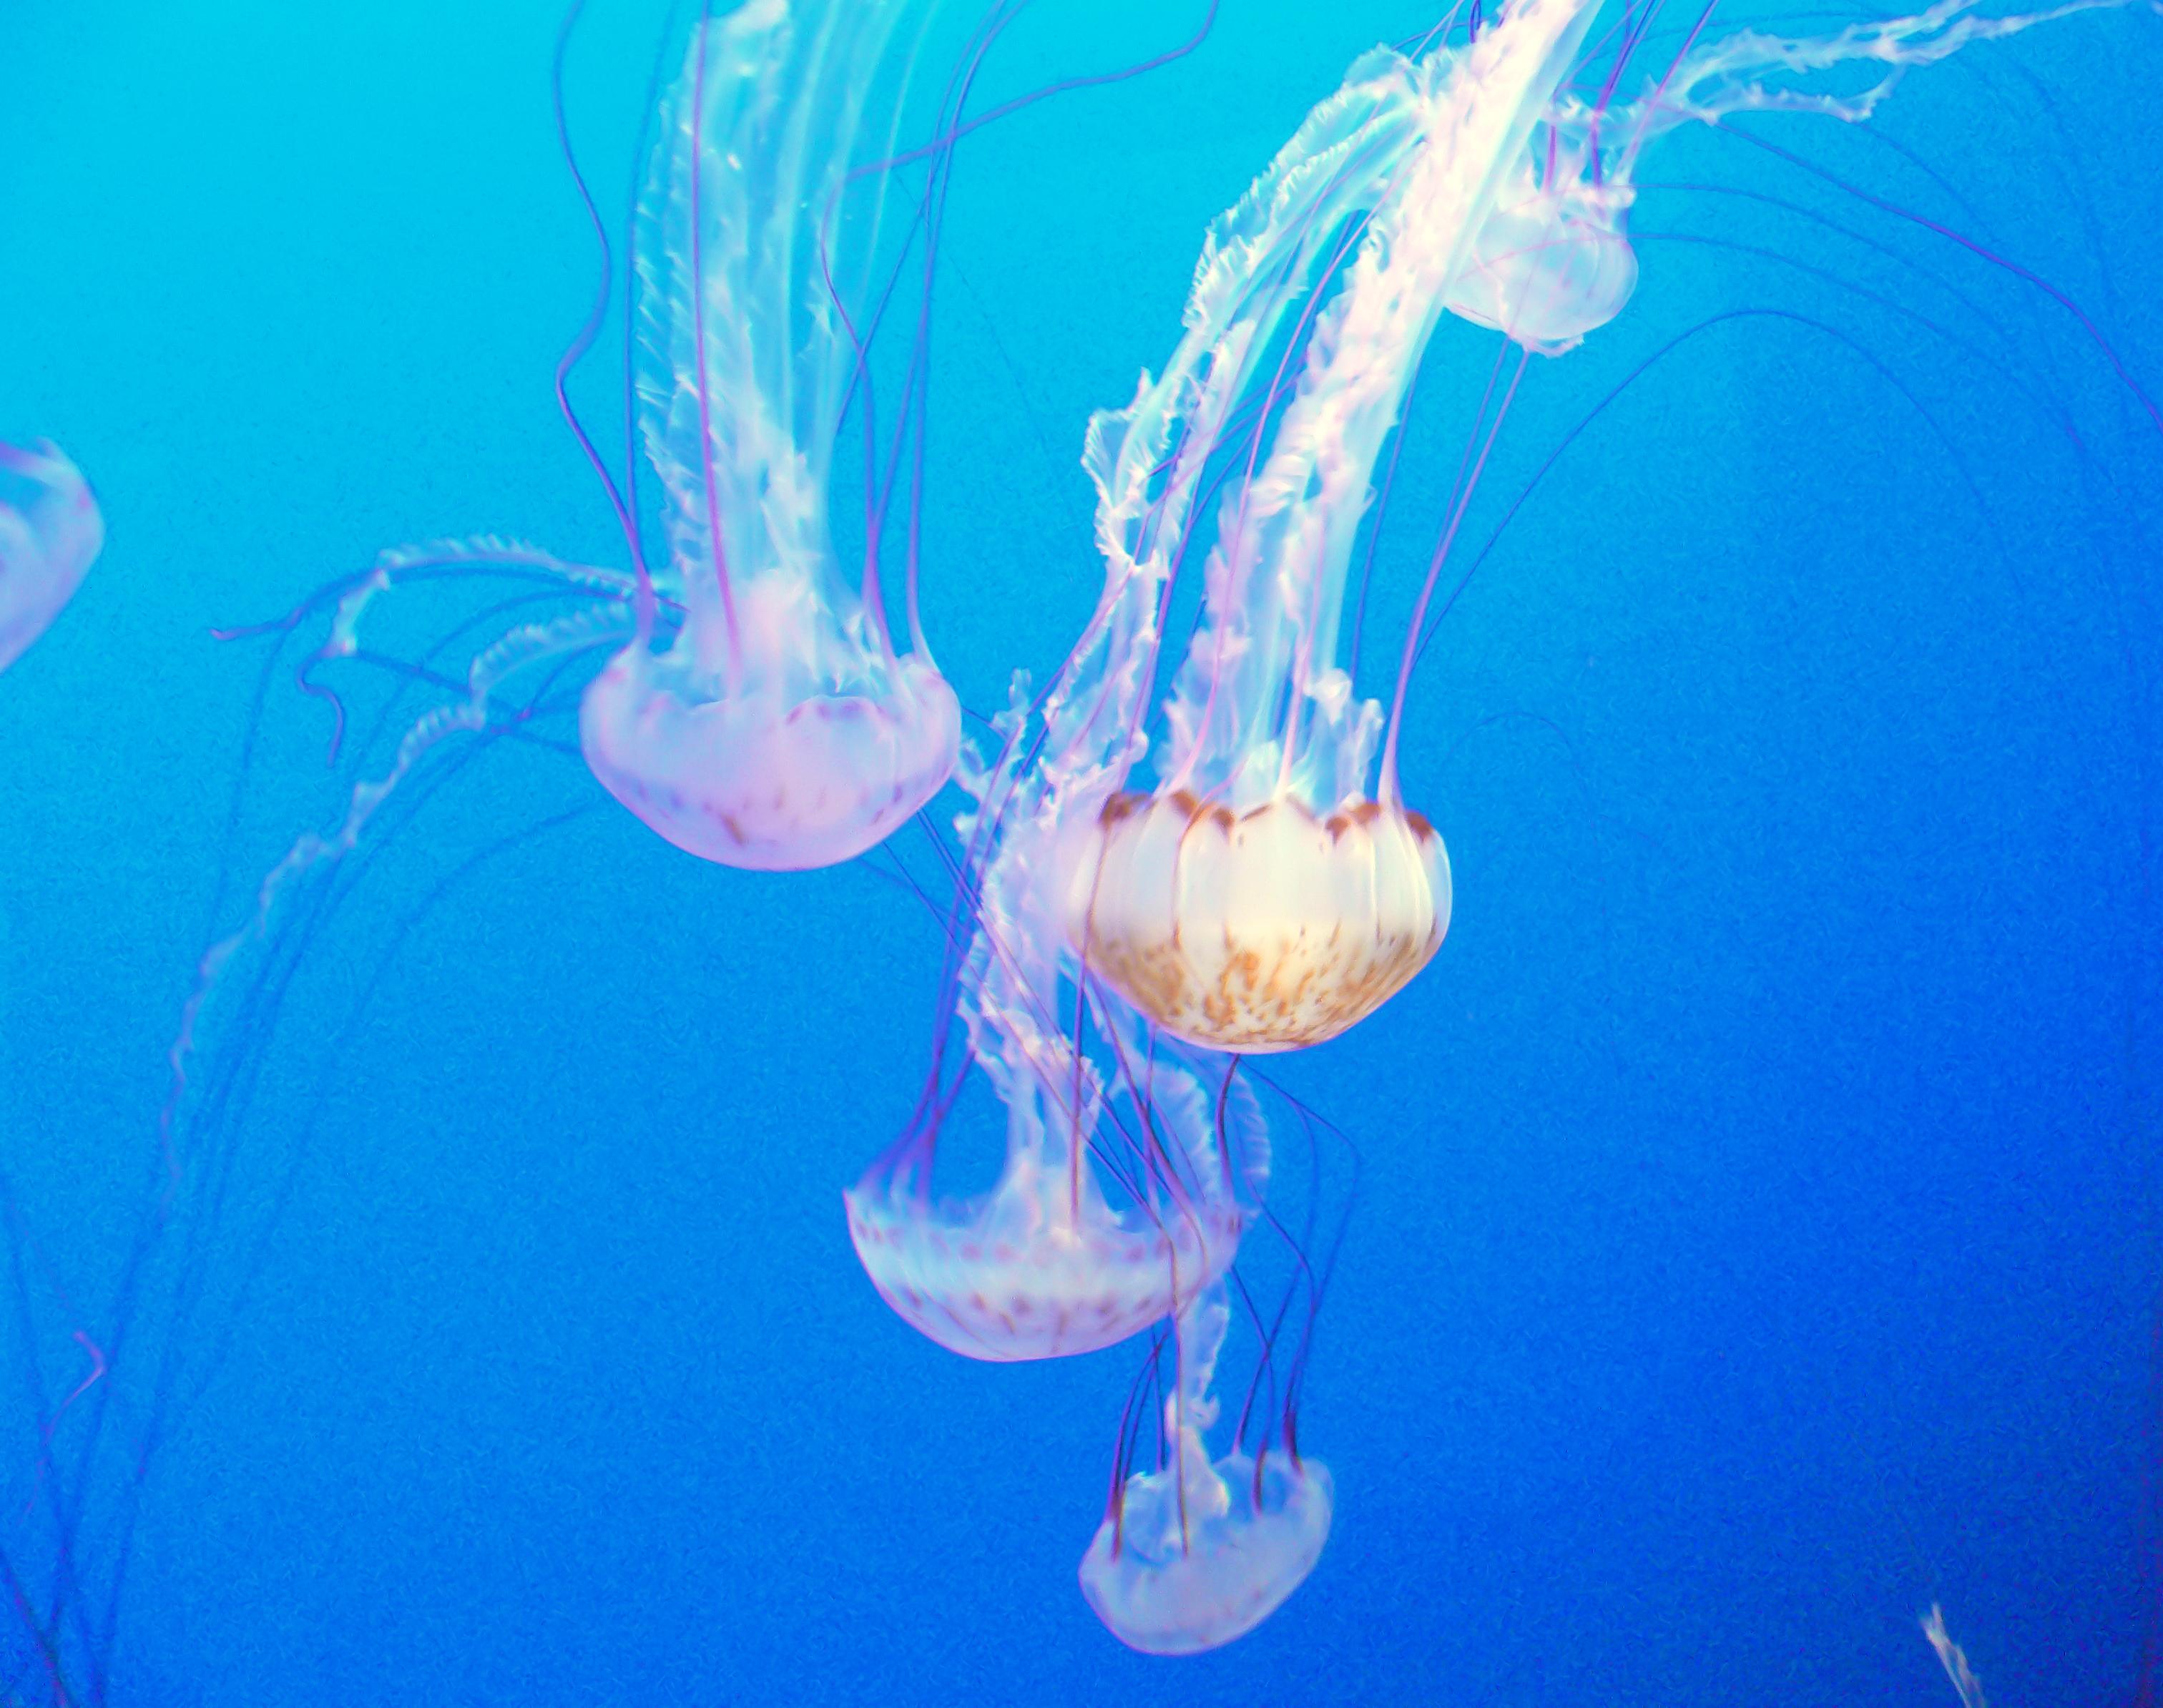 Monterey aquarium. jellyfish. photo